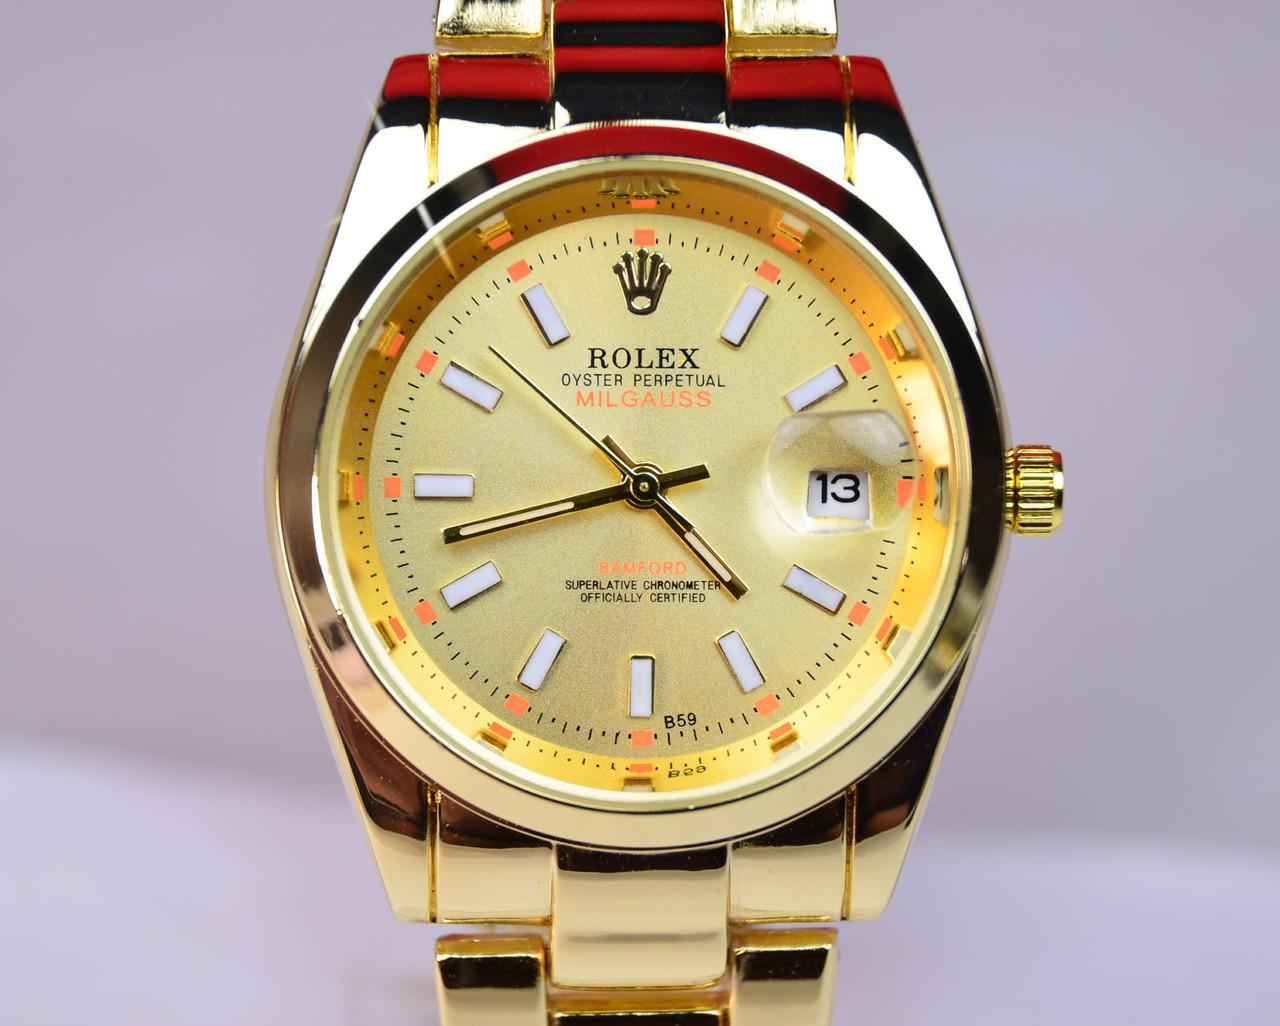 Наручные часы Rolex Oyster Perpetual Milgauss Gold